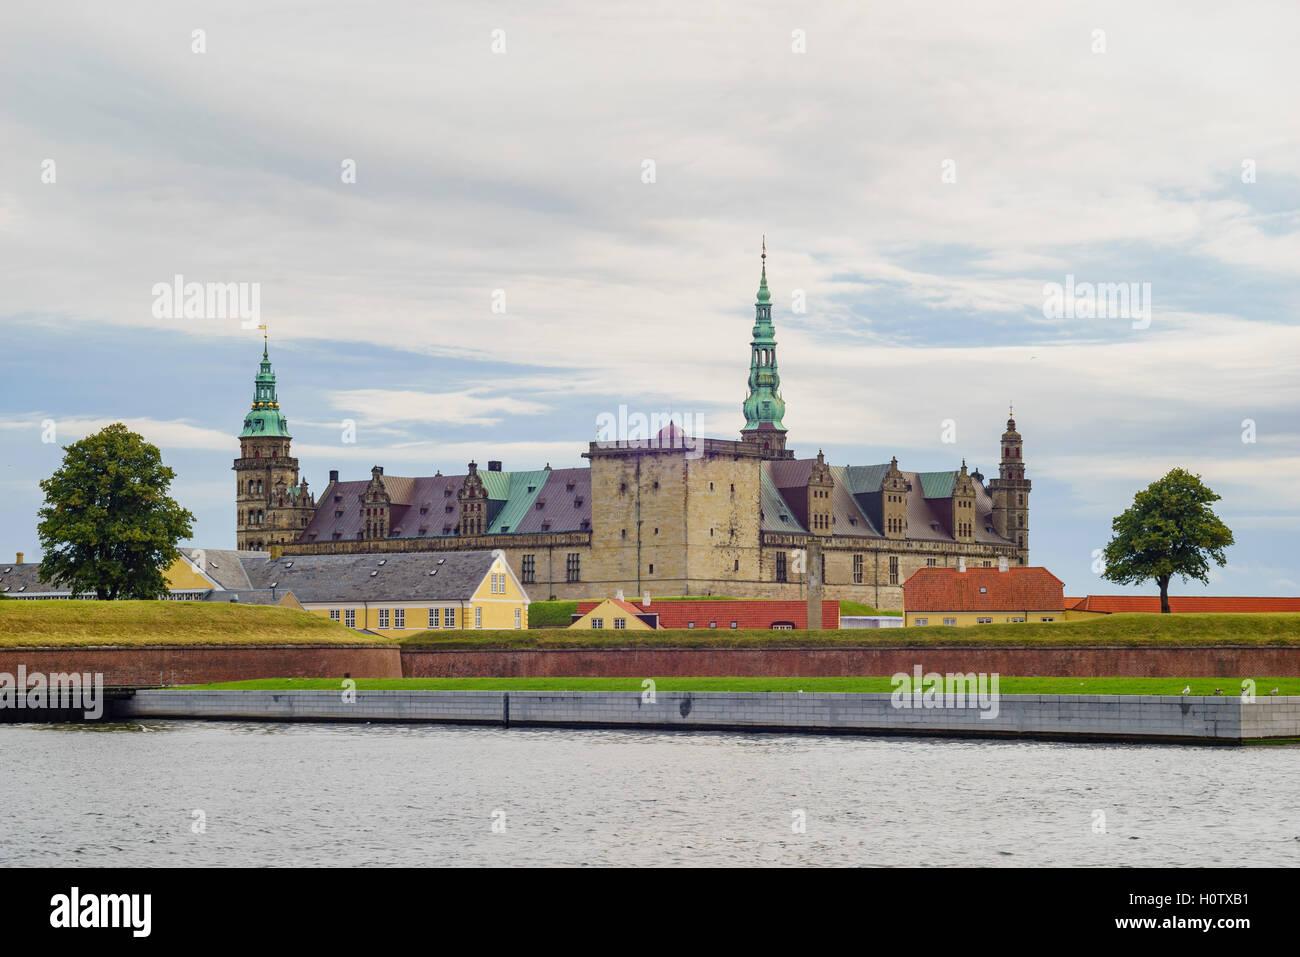 The historical Kronborg Castle at Helsingor, Denmark - Stock Image